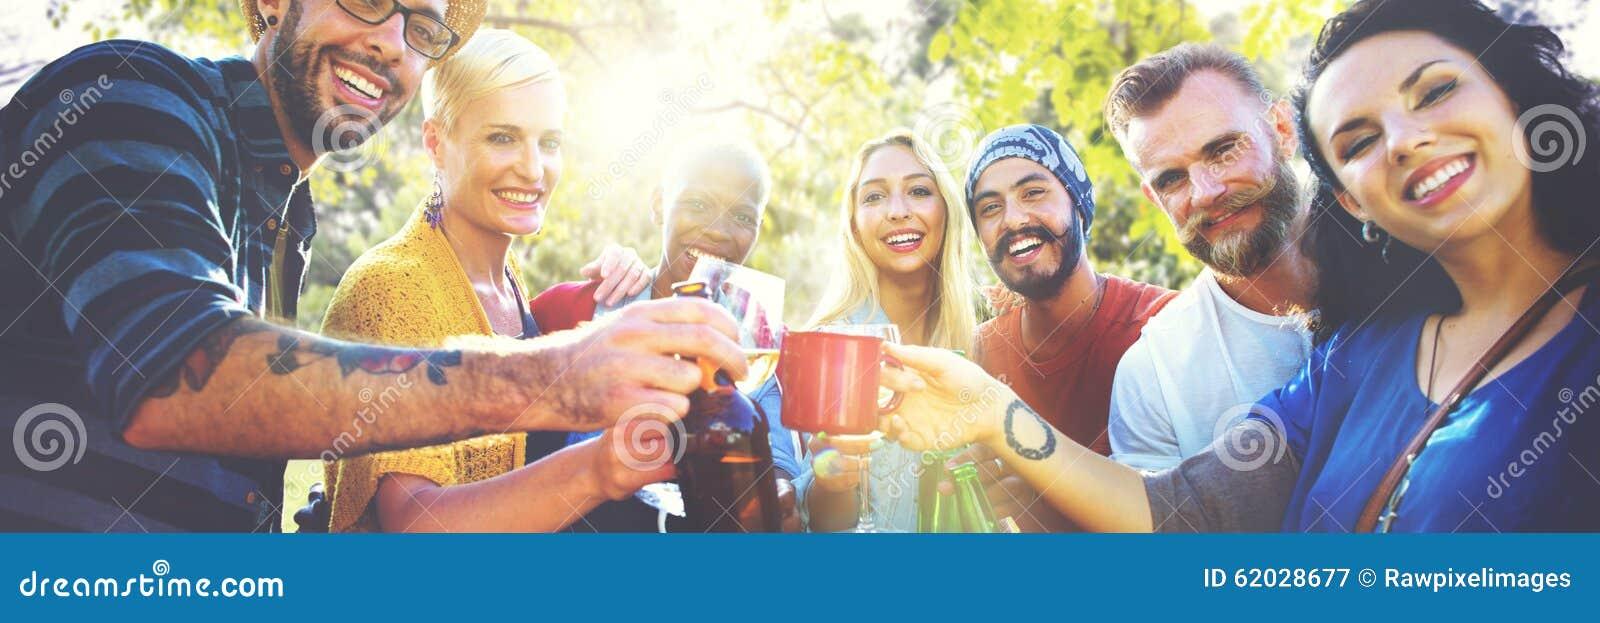 Vännen firar glad livsstil för partipicknick som dricker begrepp